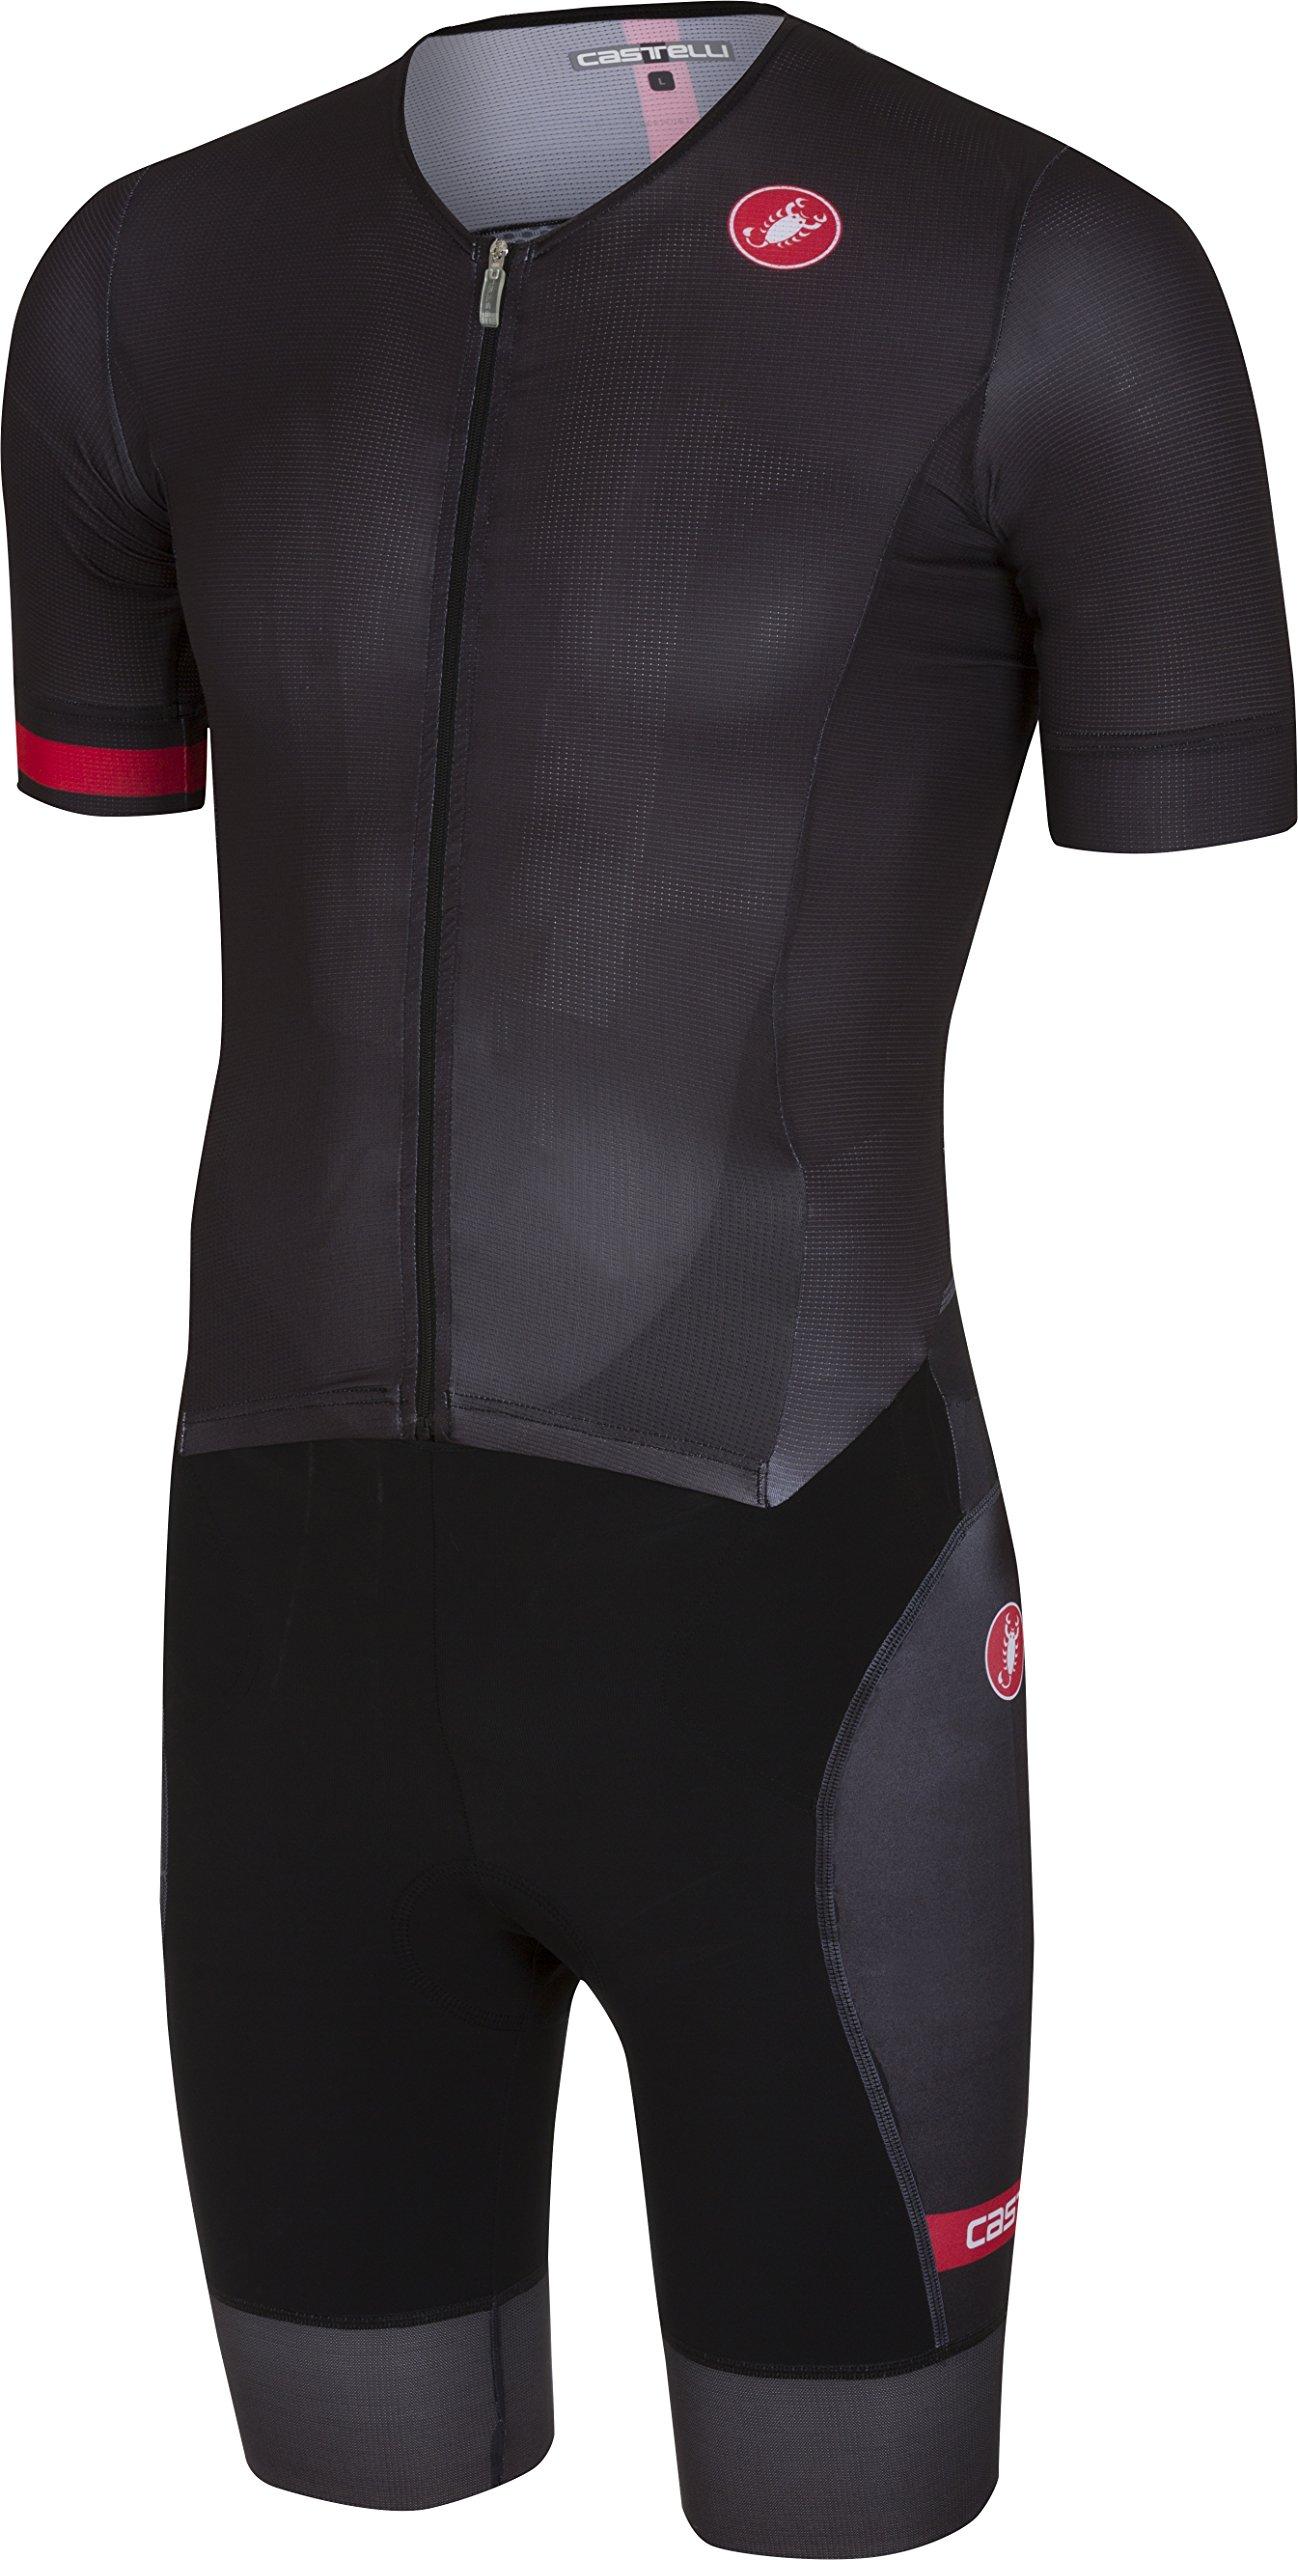 Castelli Free Sanremo Short-Sleeve Suit - Men's Black, XL